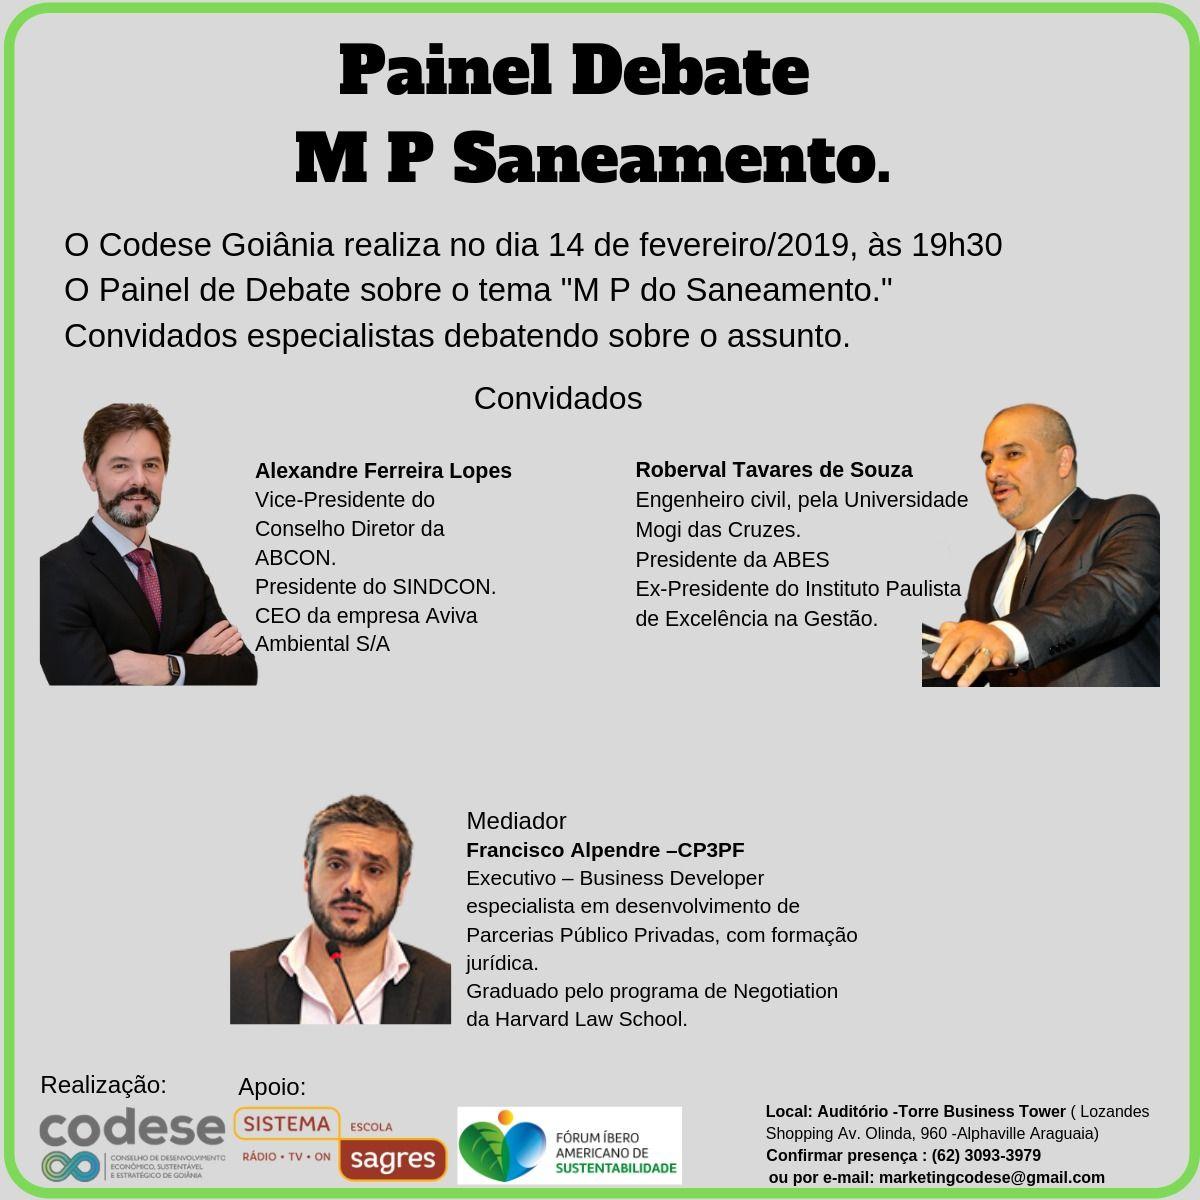 painel_debate